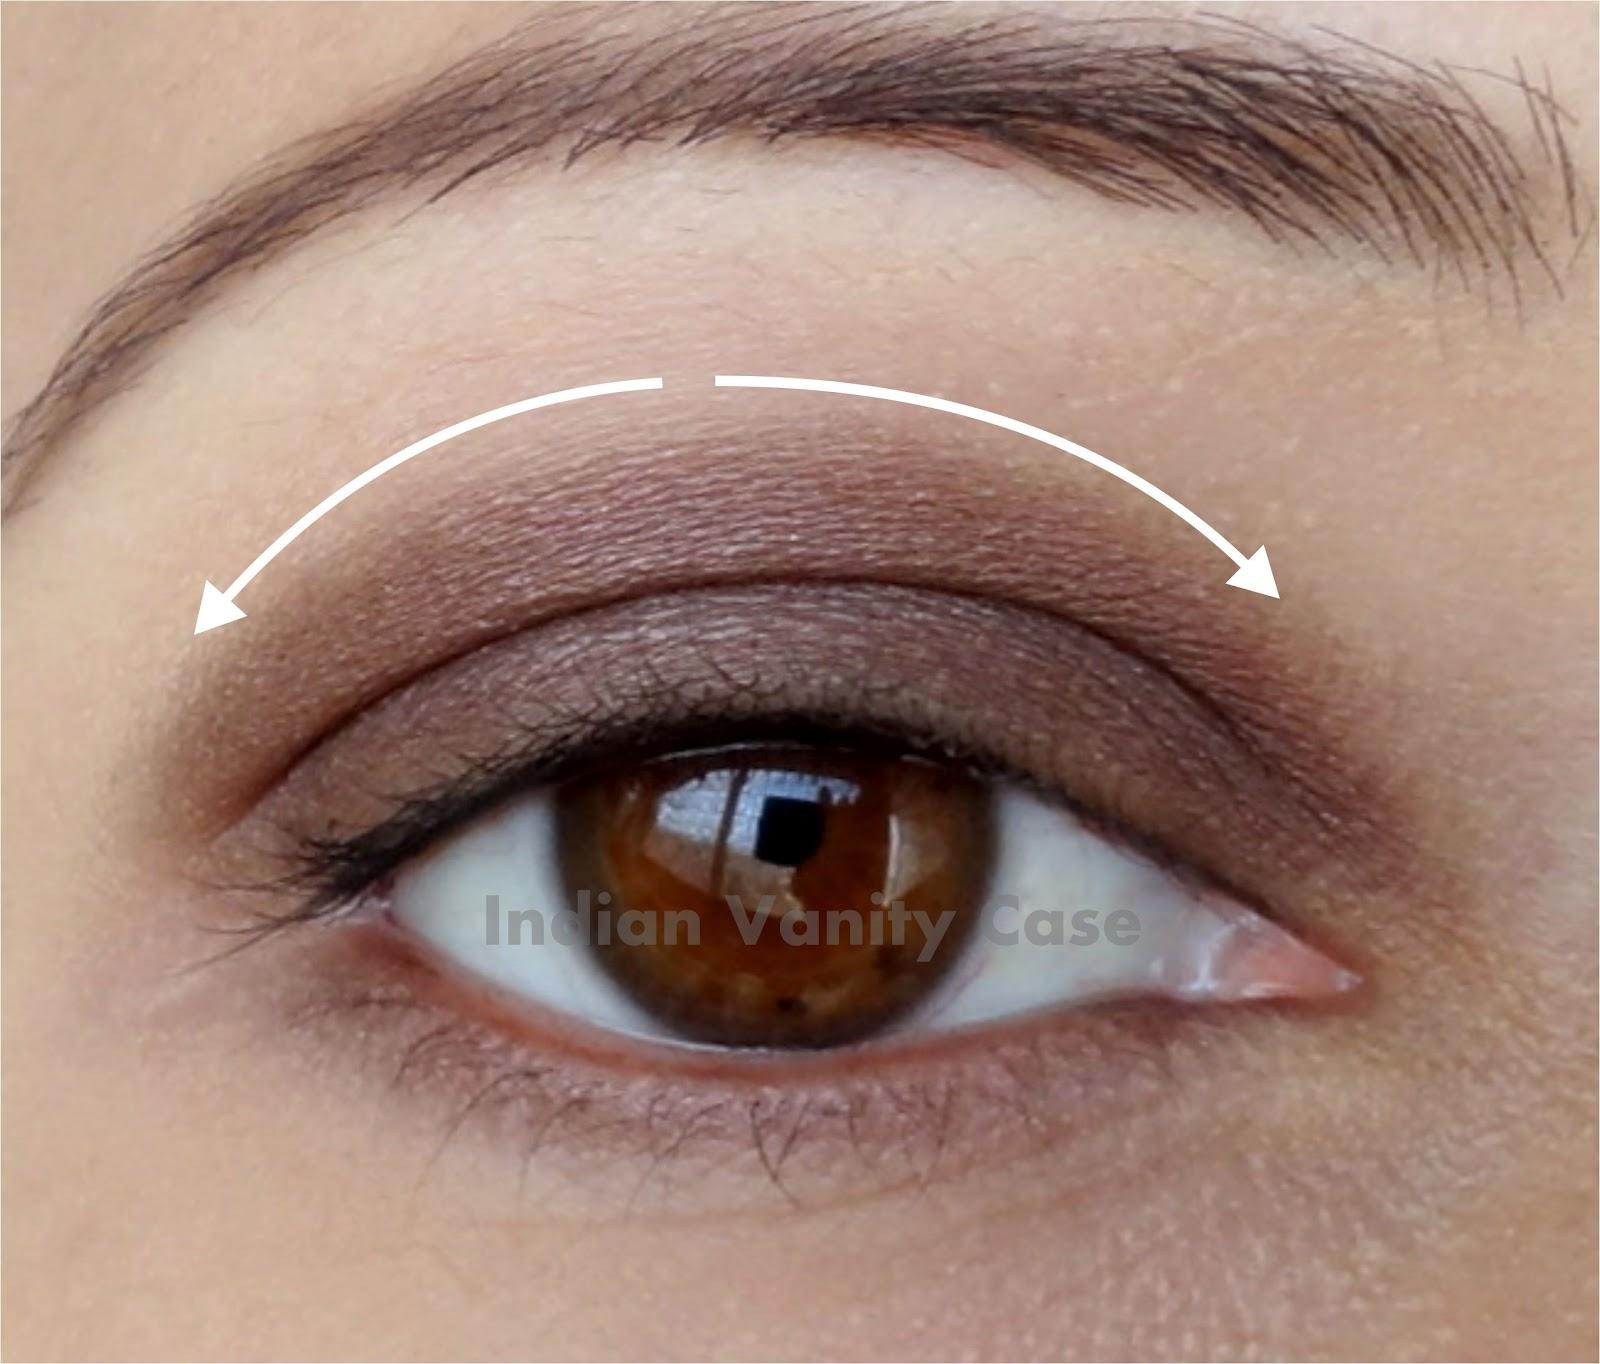 Indian Vanity Case: Basic Eyeshadow Blending Tutorial & Tips